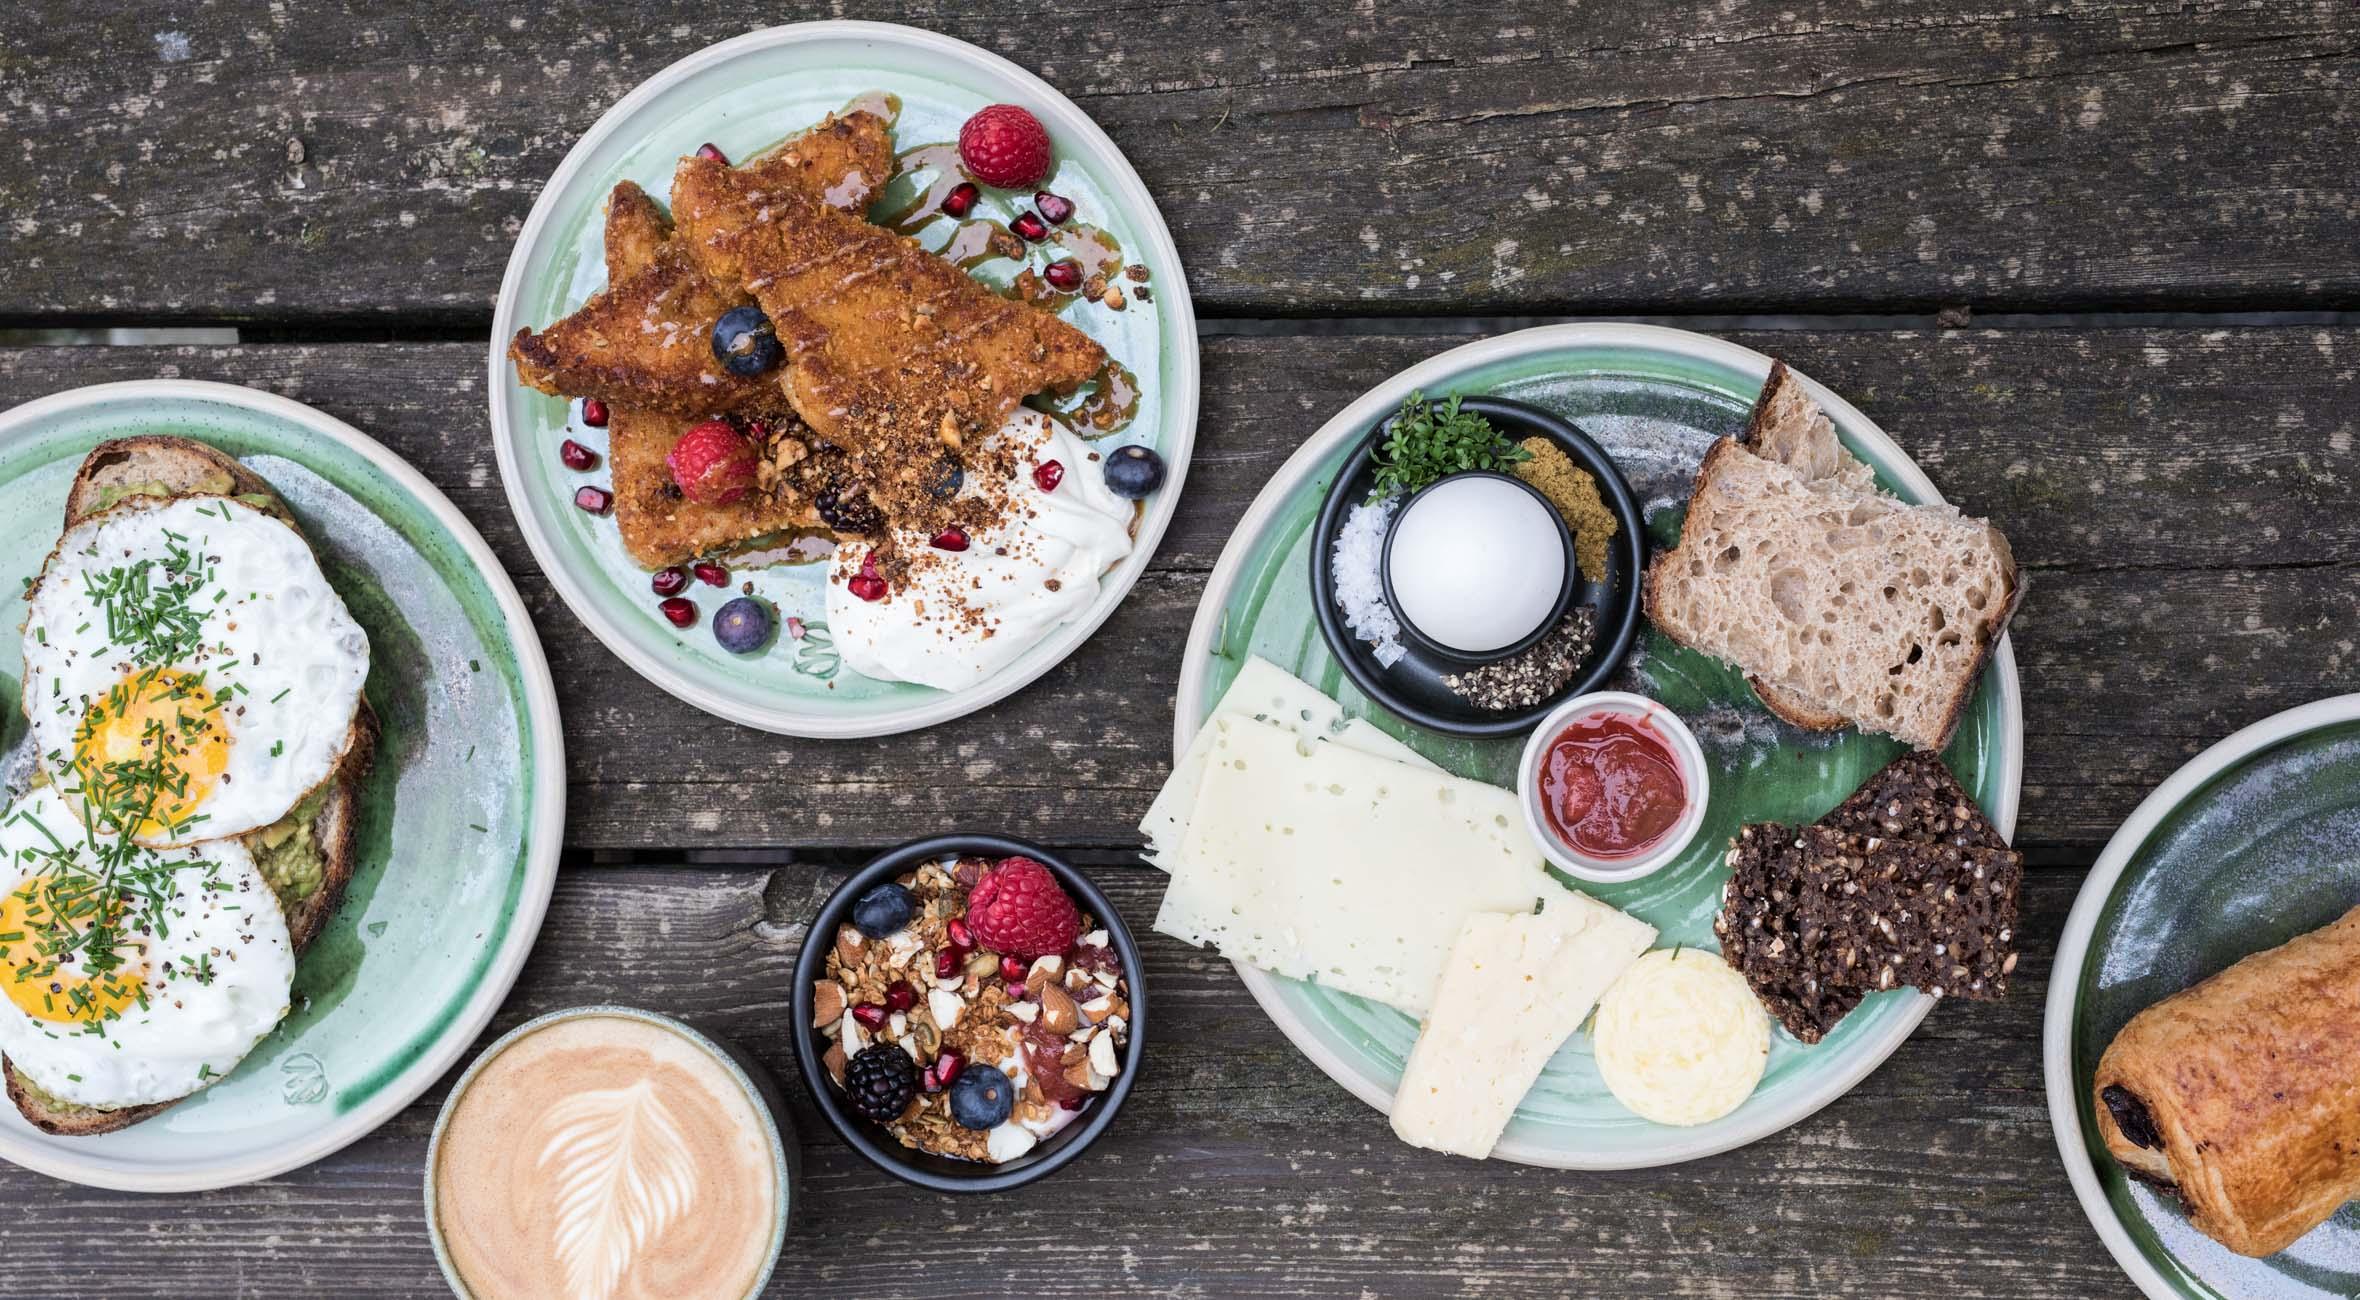 Frit valg til alt hos Mokkariet – Topanmeldt kaffebar med seriøst morgen- og frokostkøkken